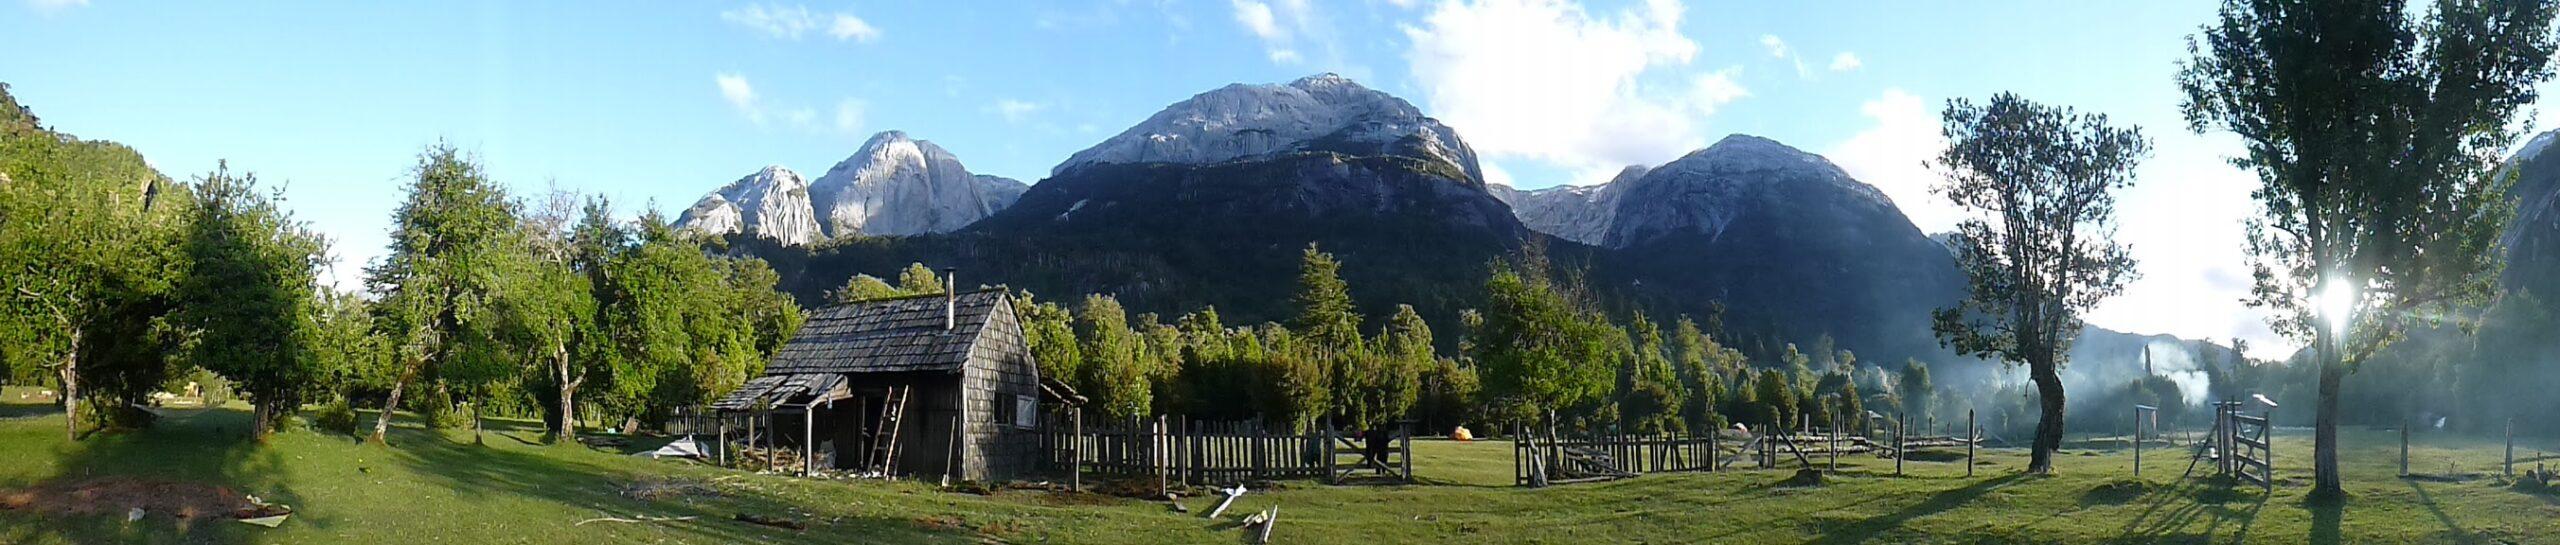 La casa vieja del Camping La Junta, su pampa y los cerros de granito que la rodea.